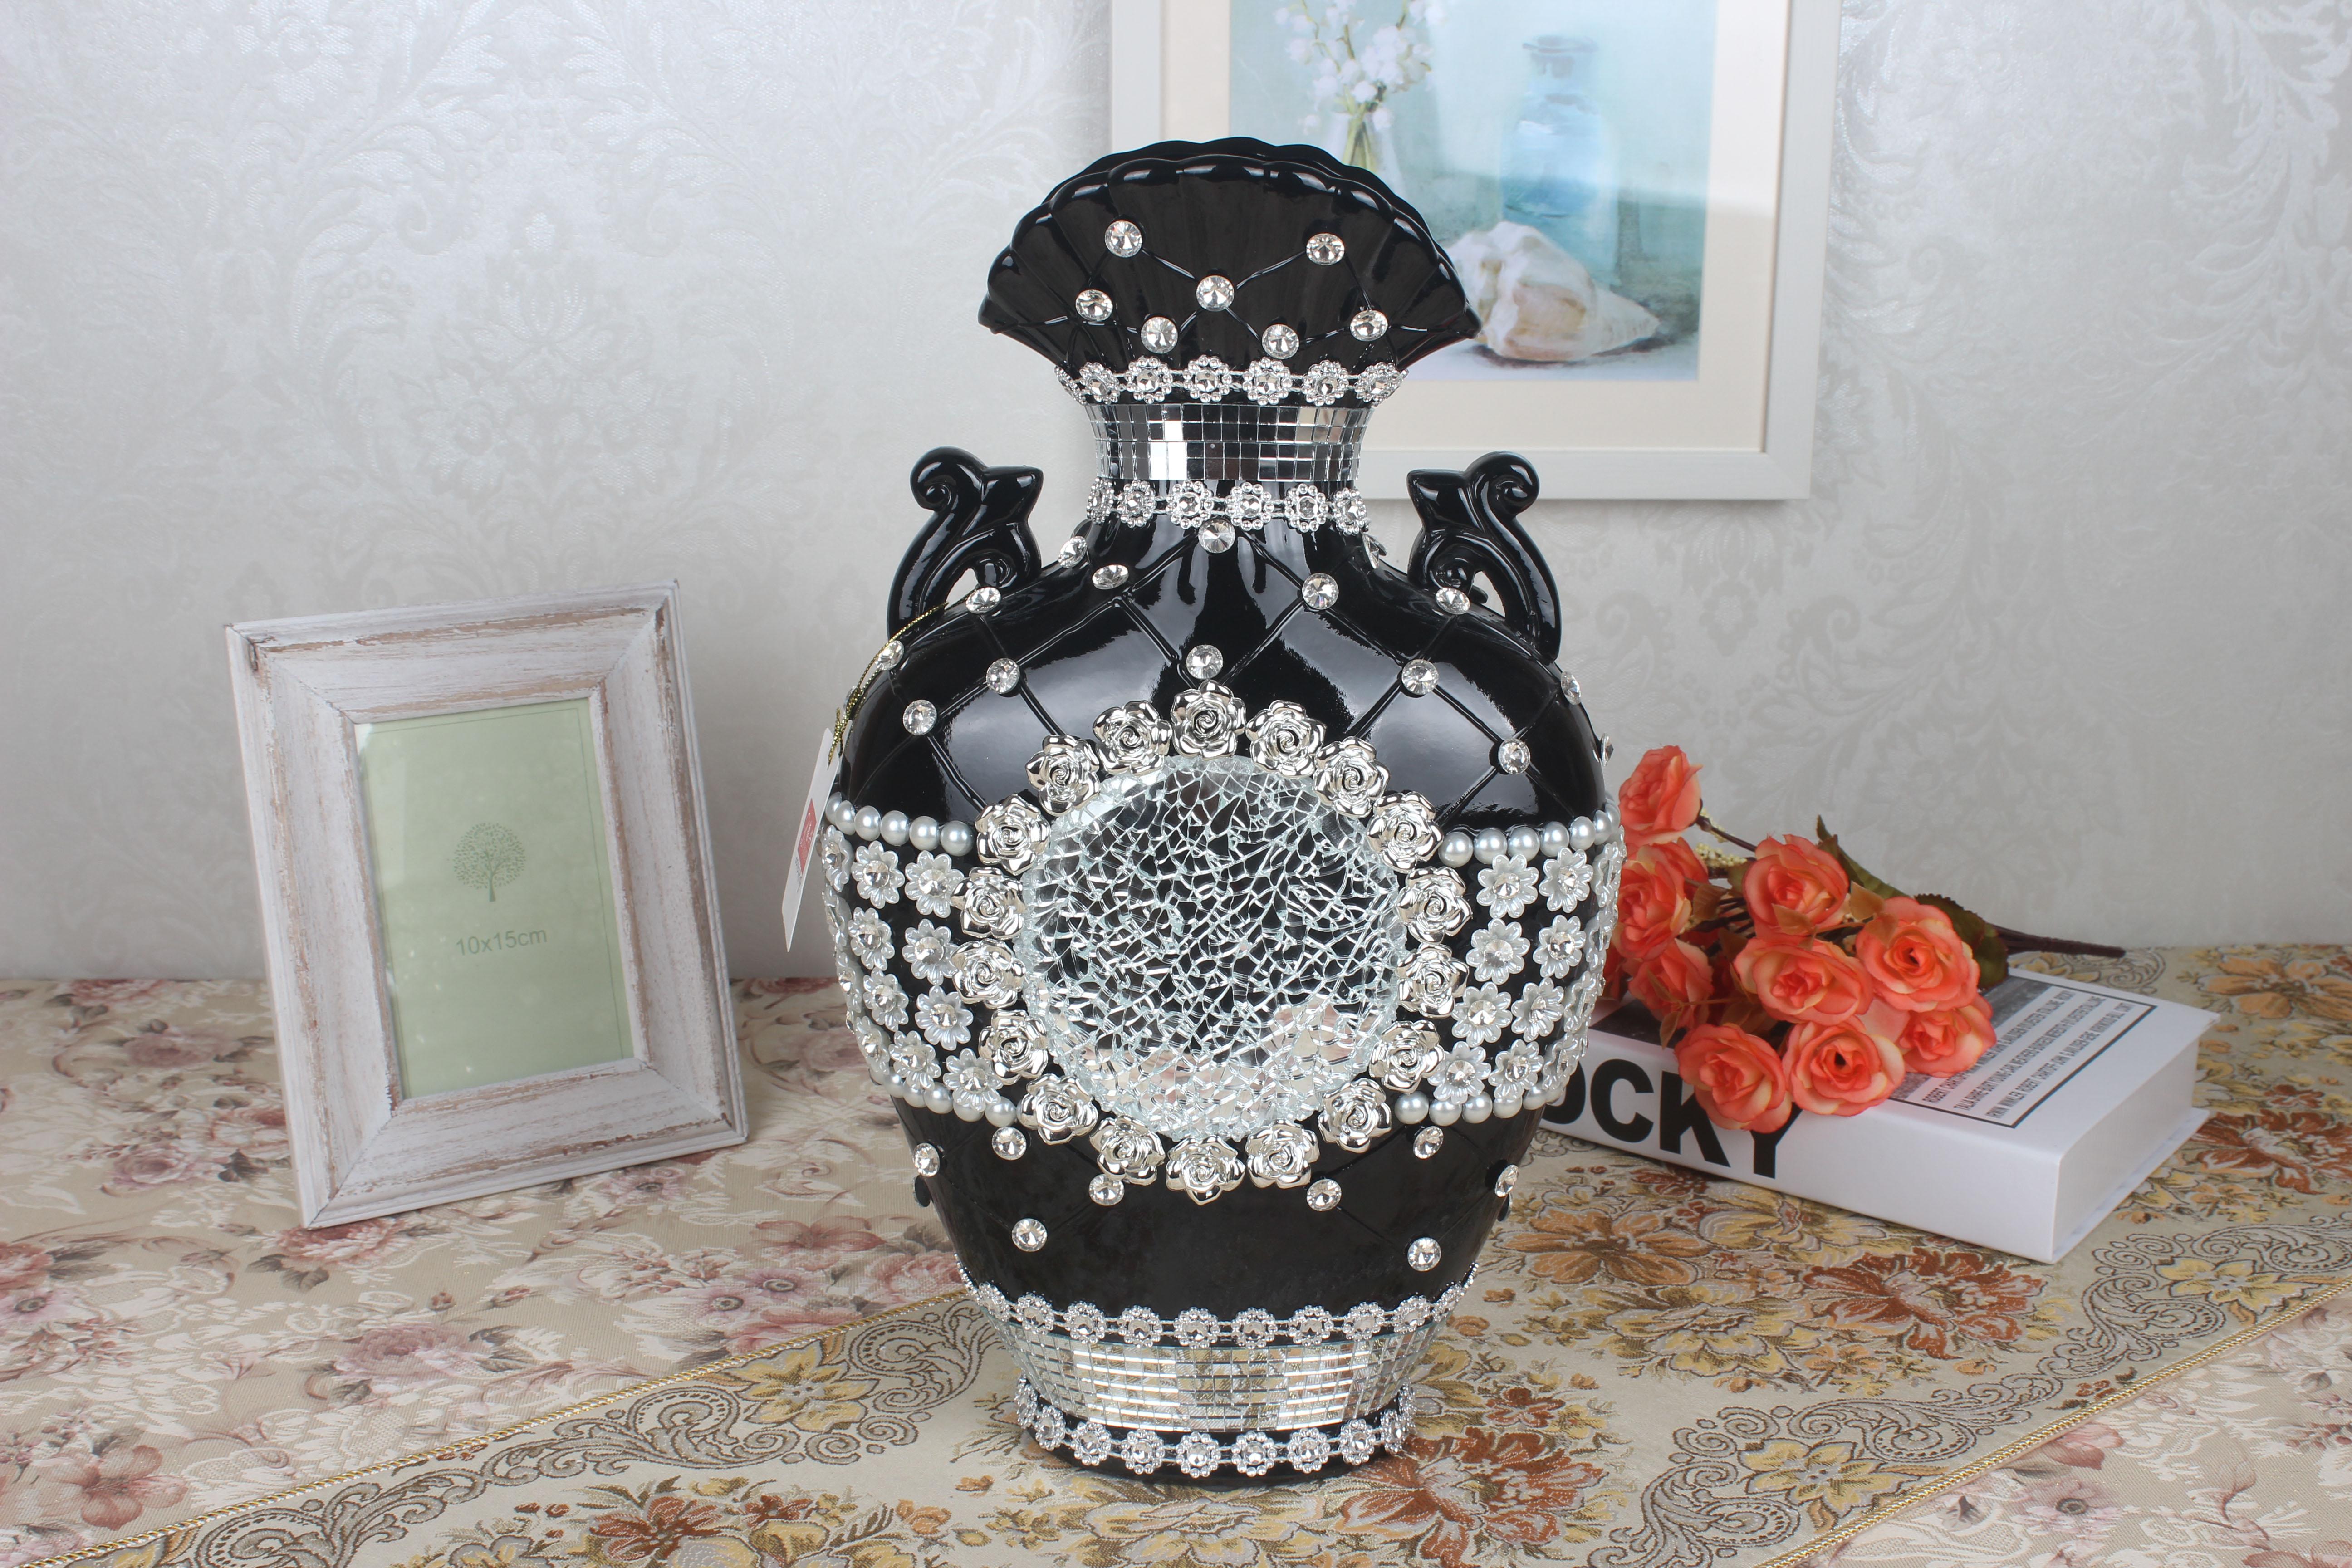 创意欧式家居陶瓷摆件花瓶 潮州厂家批发定制工艺品